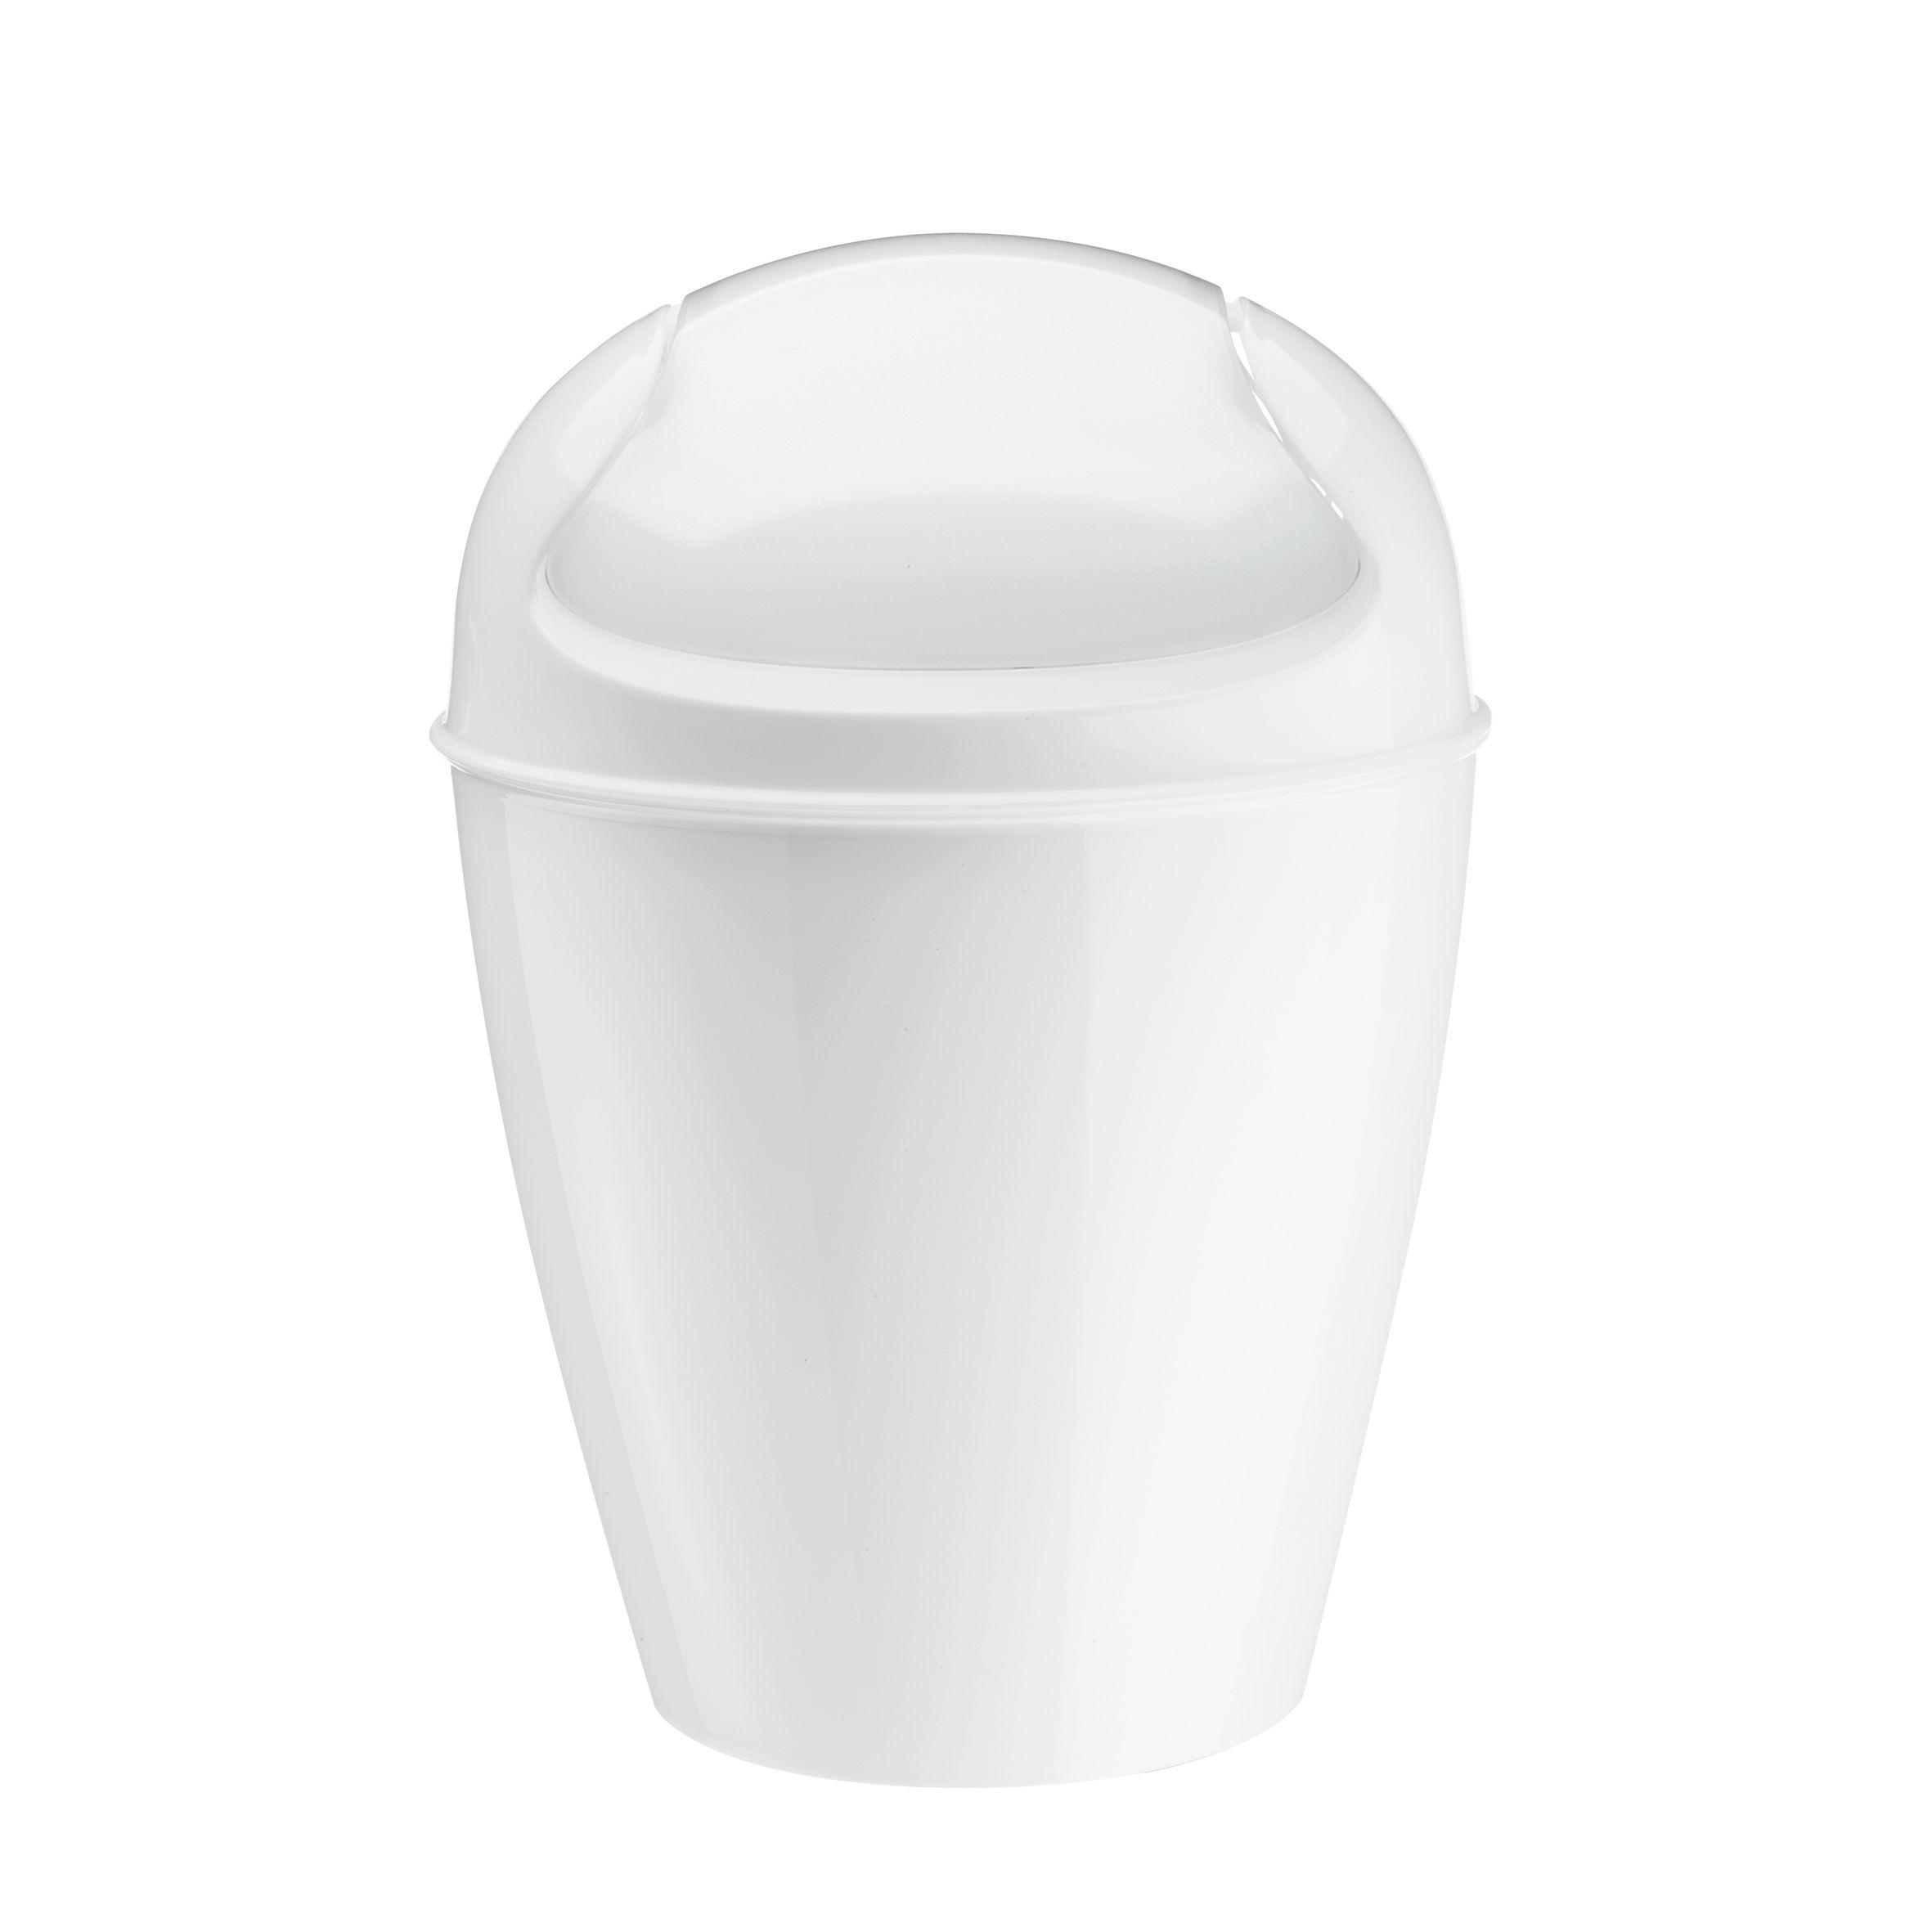 Poubelle de table del xxs h 18 7 cm 0 9 litres blanc for Poubelle de table design